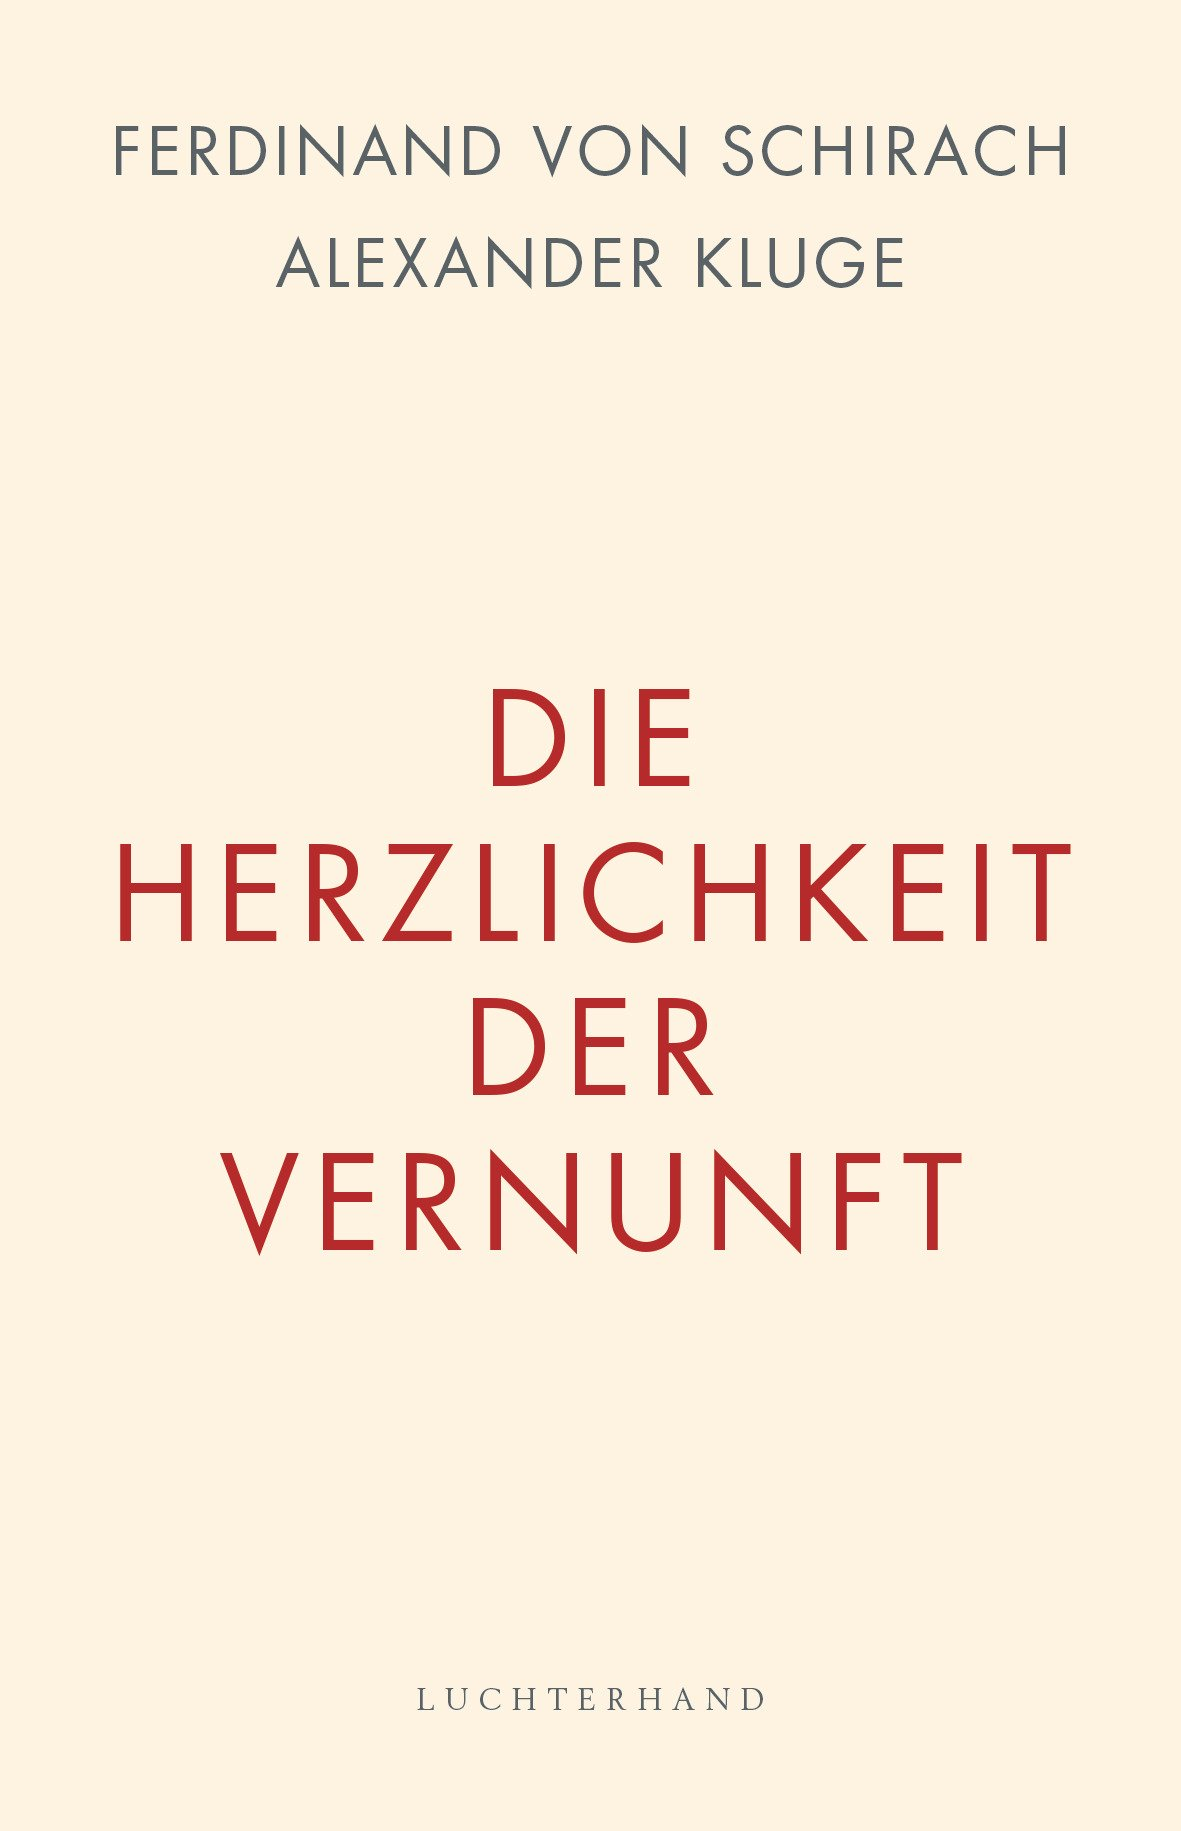 Die Herzlichkeit der Vernunft Gebundenes Buch – 16. Oktober 2017 Ferdinand von Schirach Alexander Kluge Luchterhand Literaturverlag 3630875912